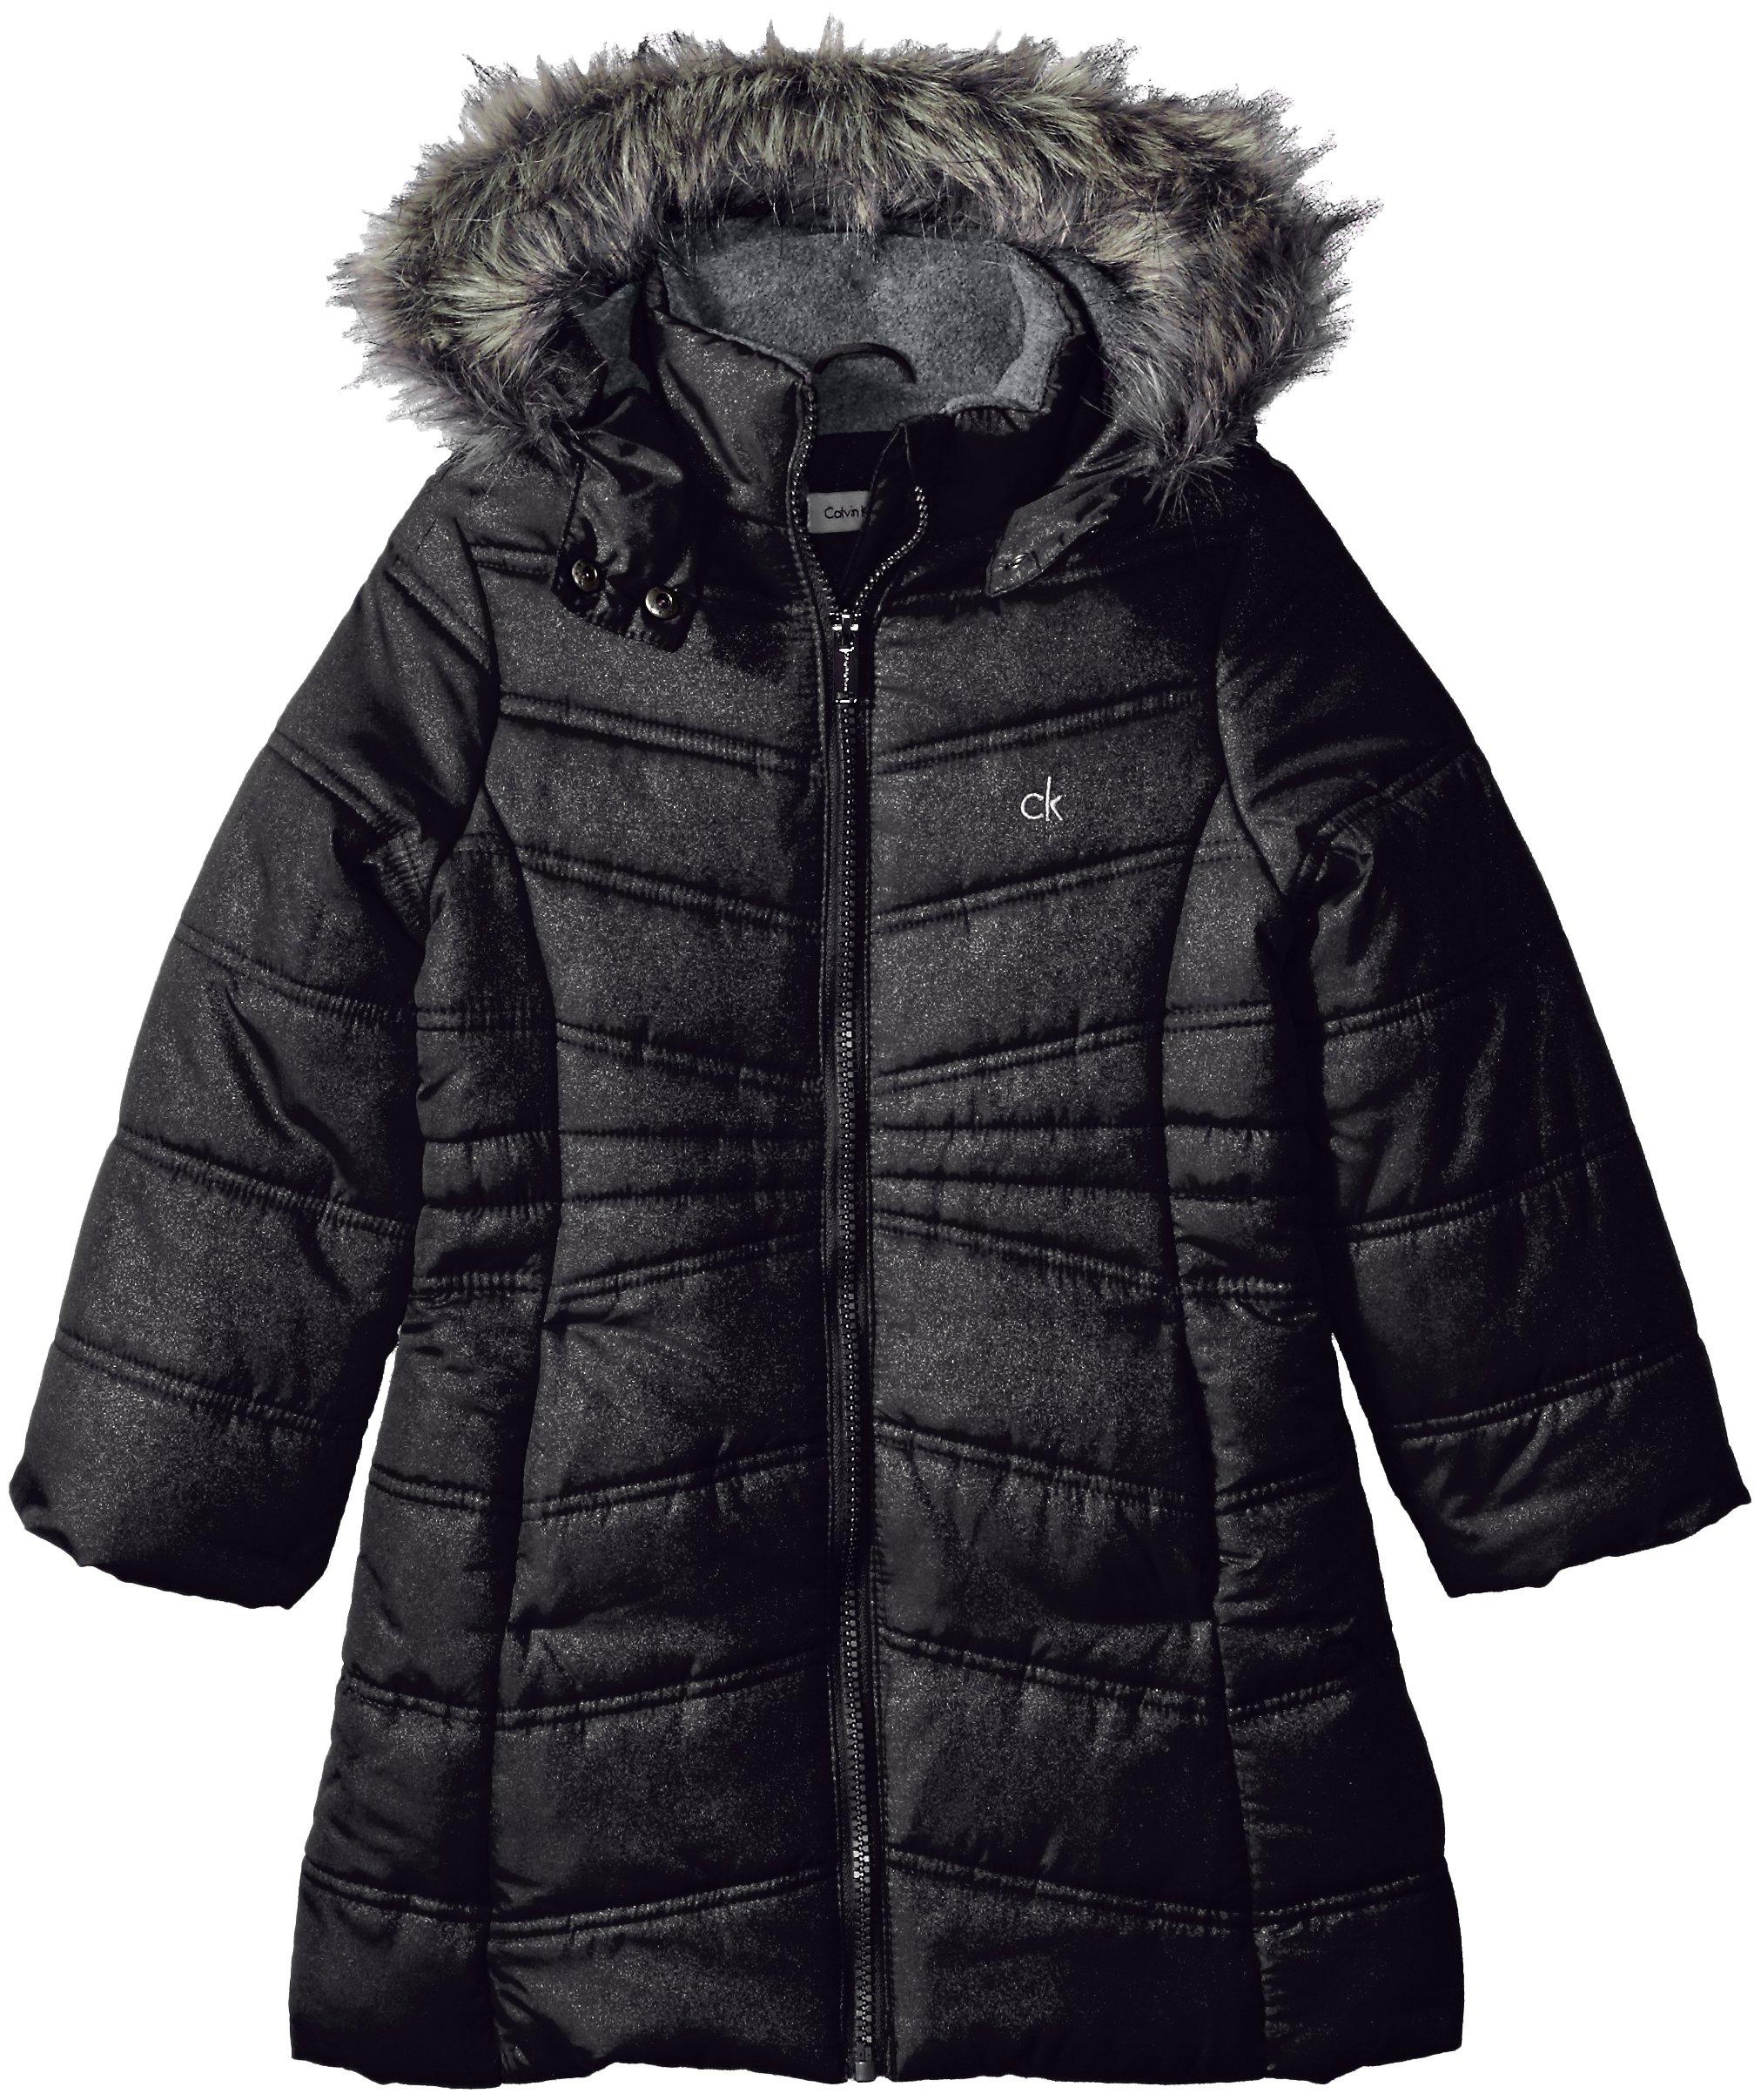 Calvin Klein Big Girls' Alps Jacket, Anthracite, S